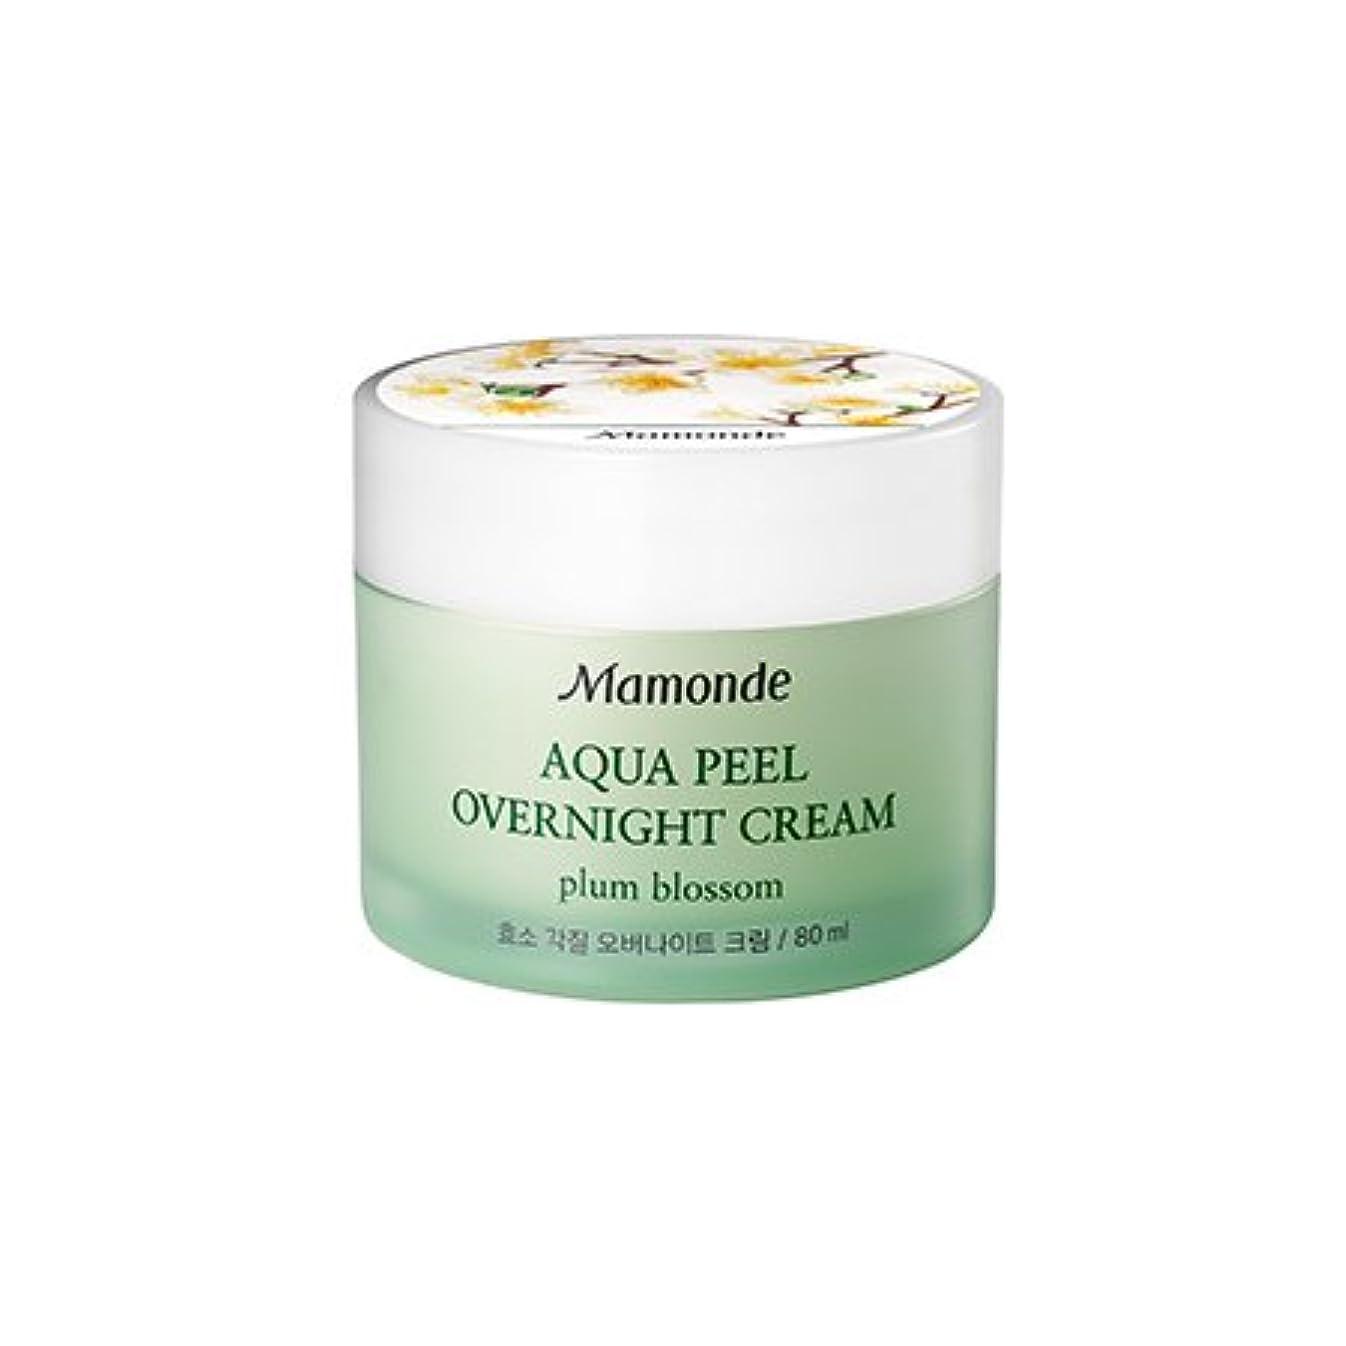 雰囲気実行遠近法Mamonde Aqua Peel Overnight Cream 80ml/マモンド アクア ピール オーバーナイト クリーム 80ml [並行輸入品]